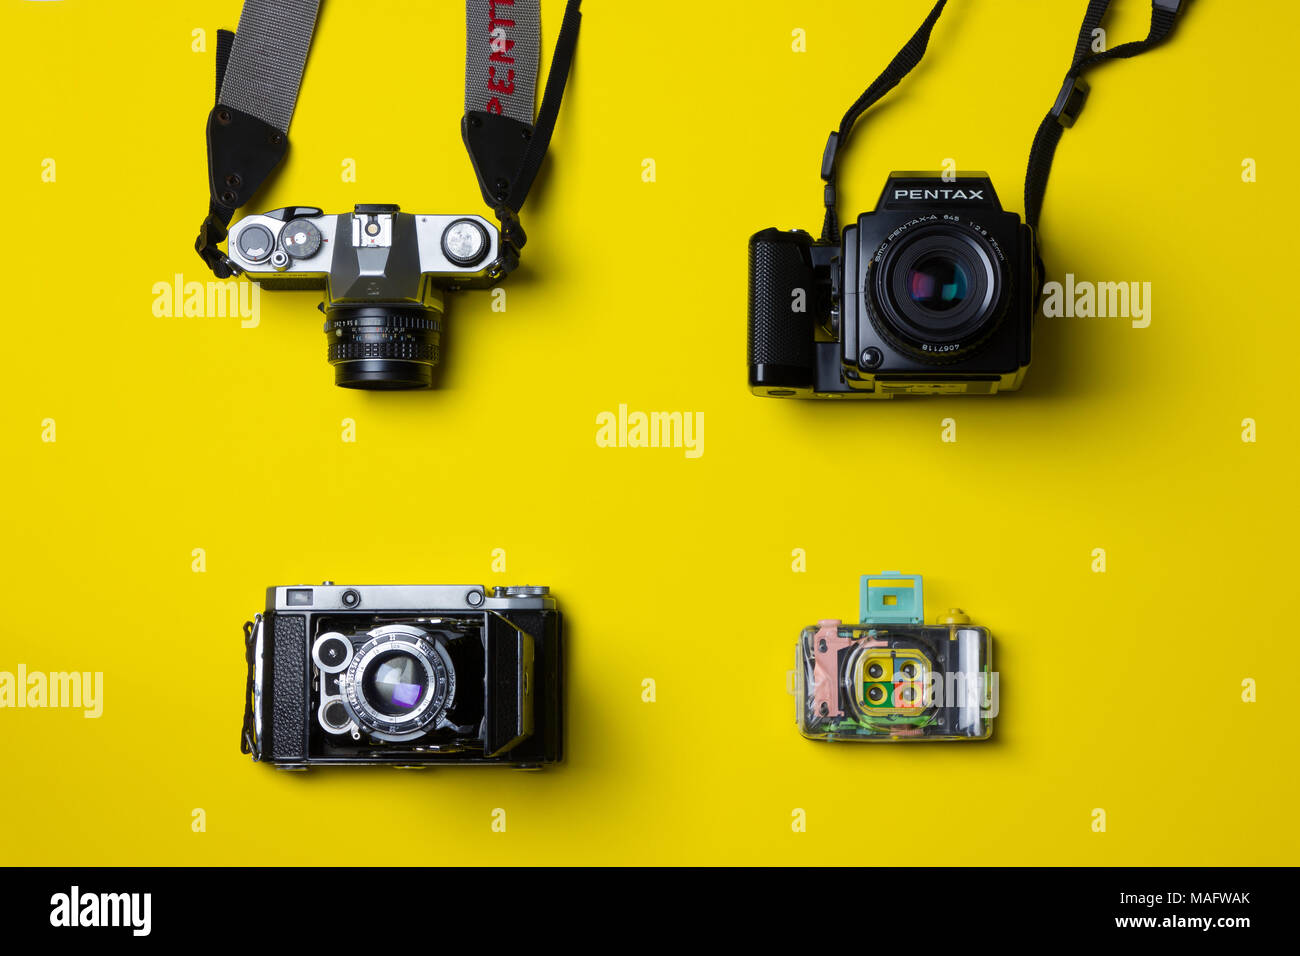 Ein fantastisches Studio shot Der filmkameras von oben gegen einen hellgelben Hintergrund Stockfoto